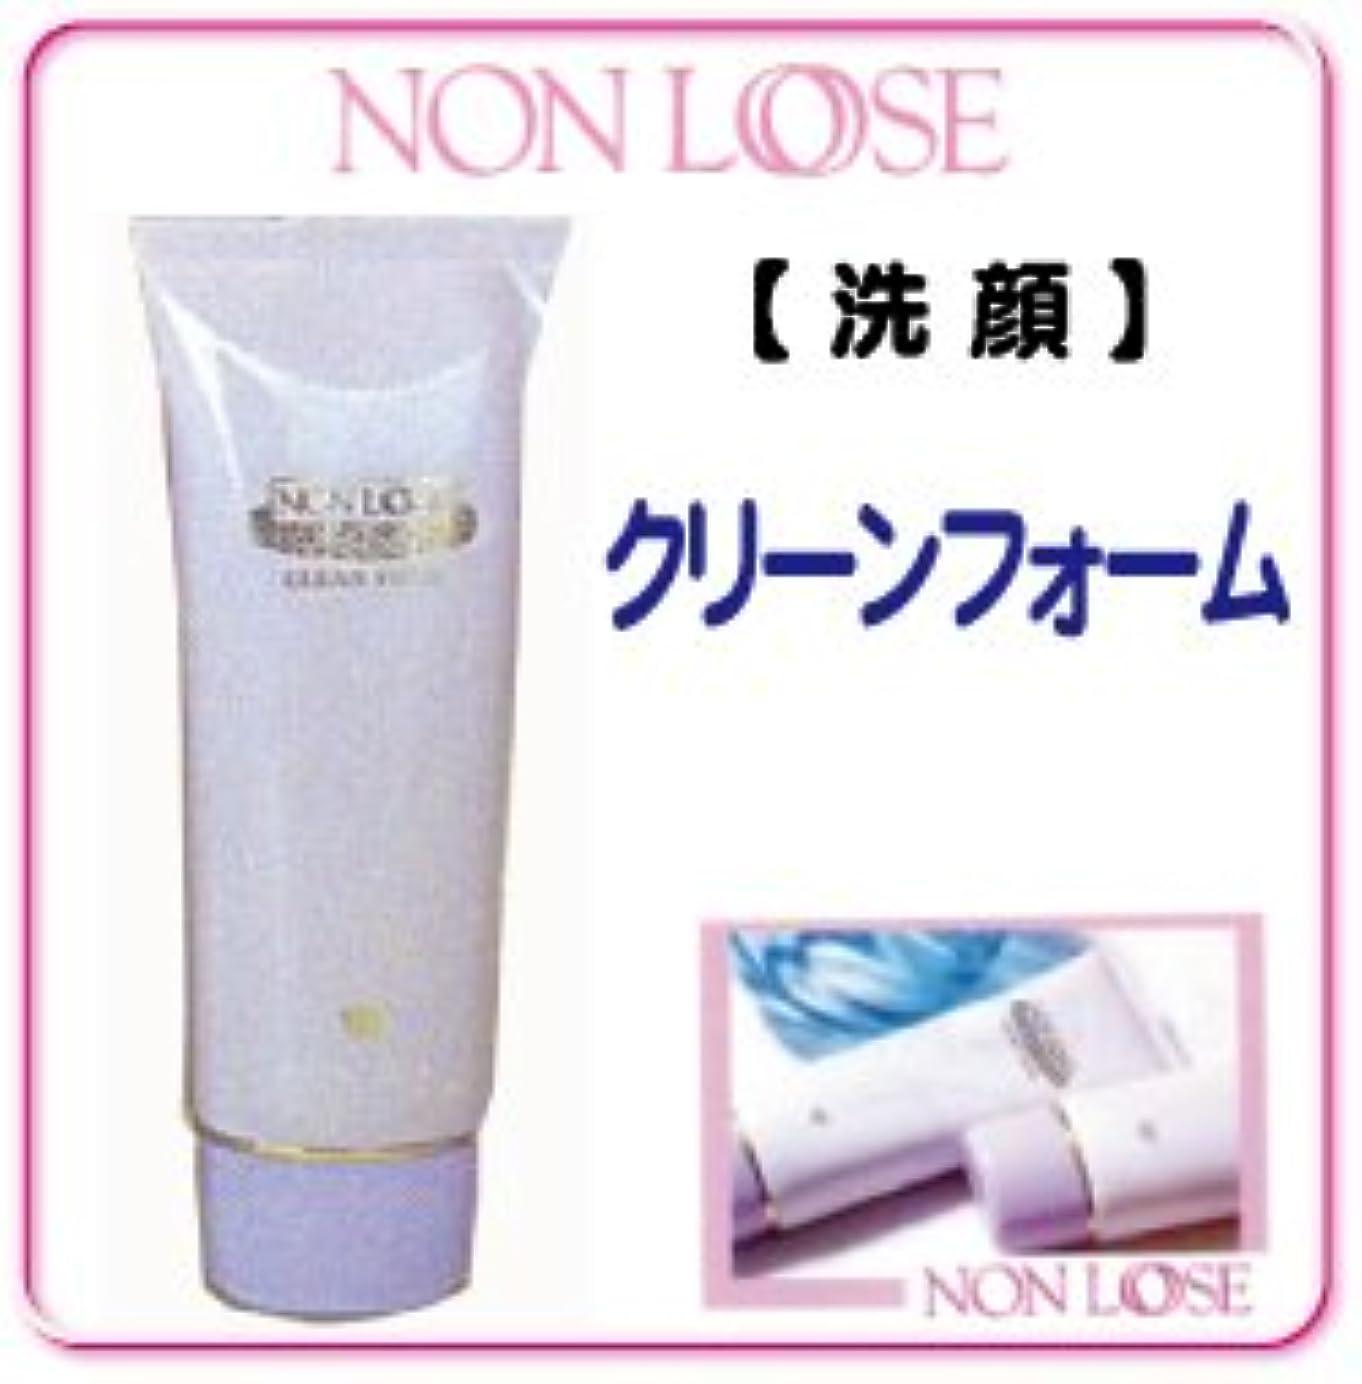 落ち着いてお手入れ真似るベルマン化粧品 ノンル―ス クリーンフォーム 100g 【洗顔料】